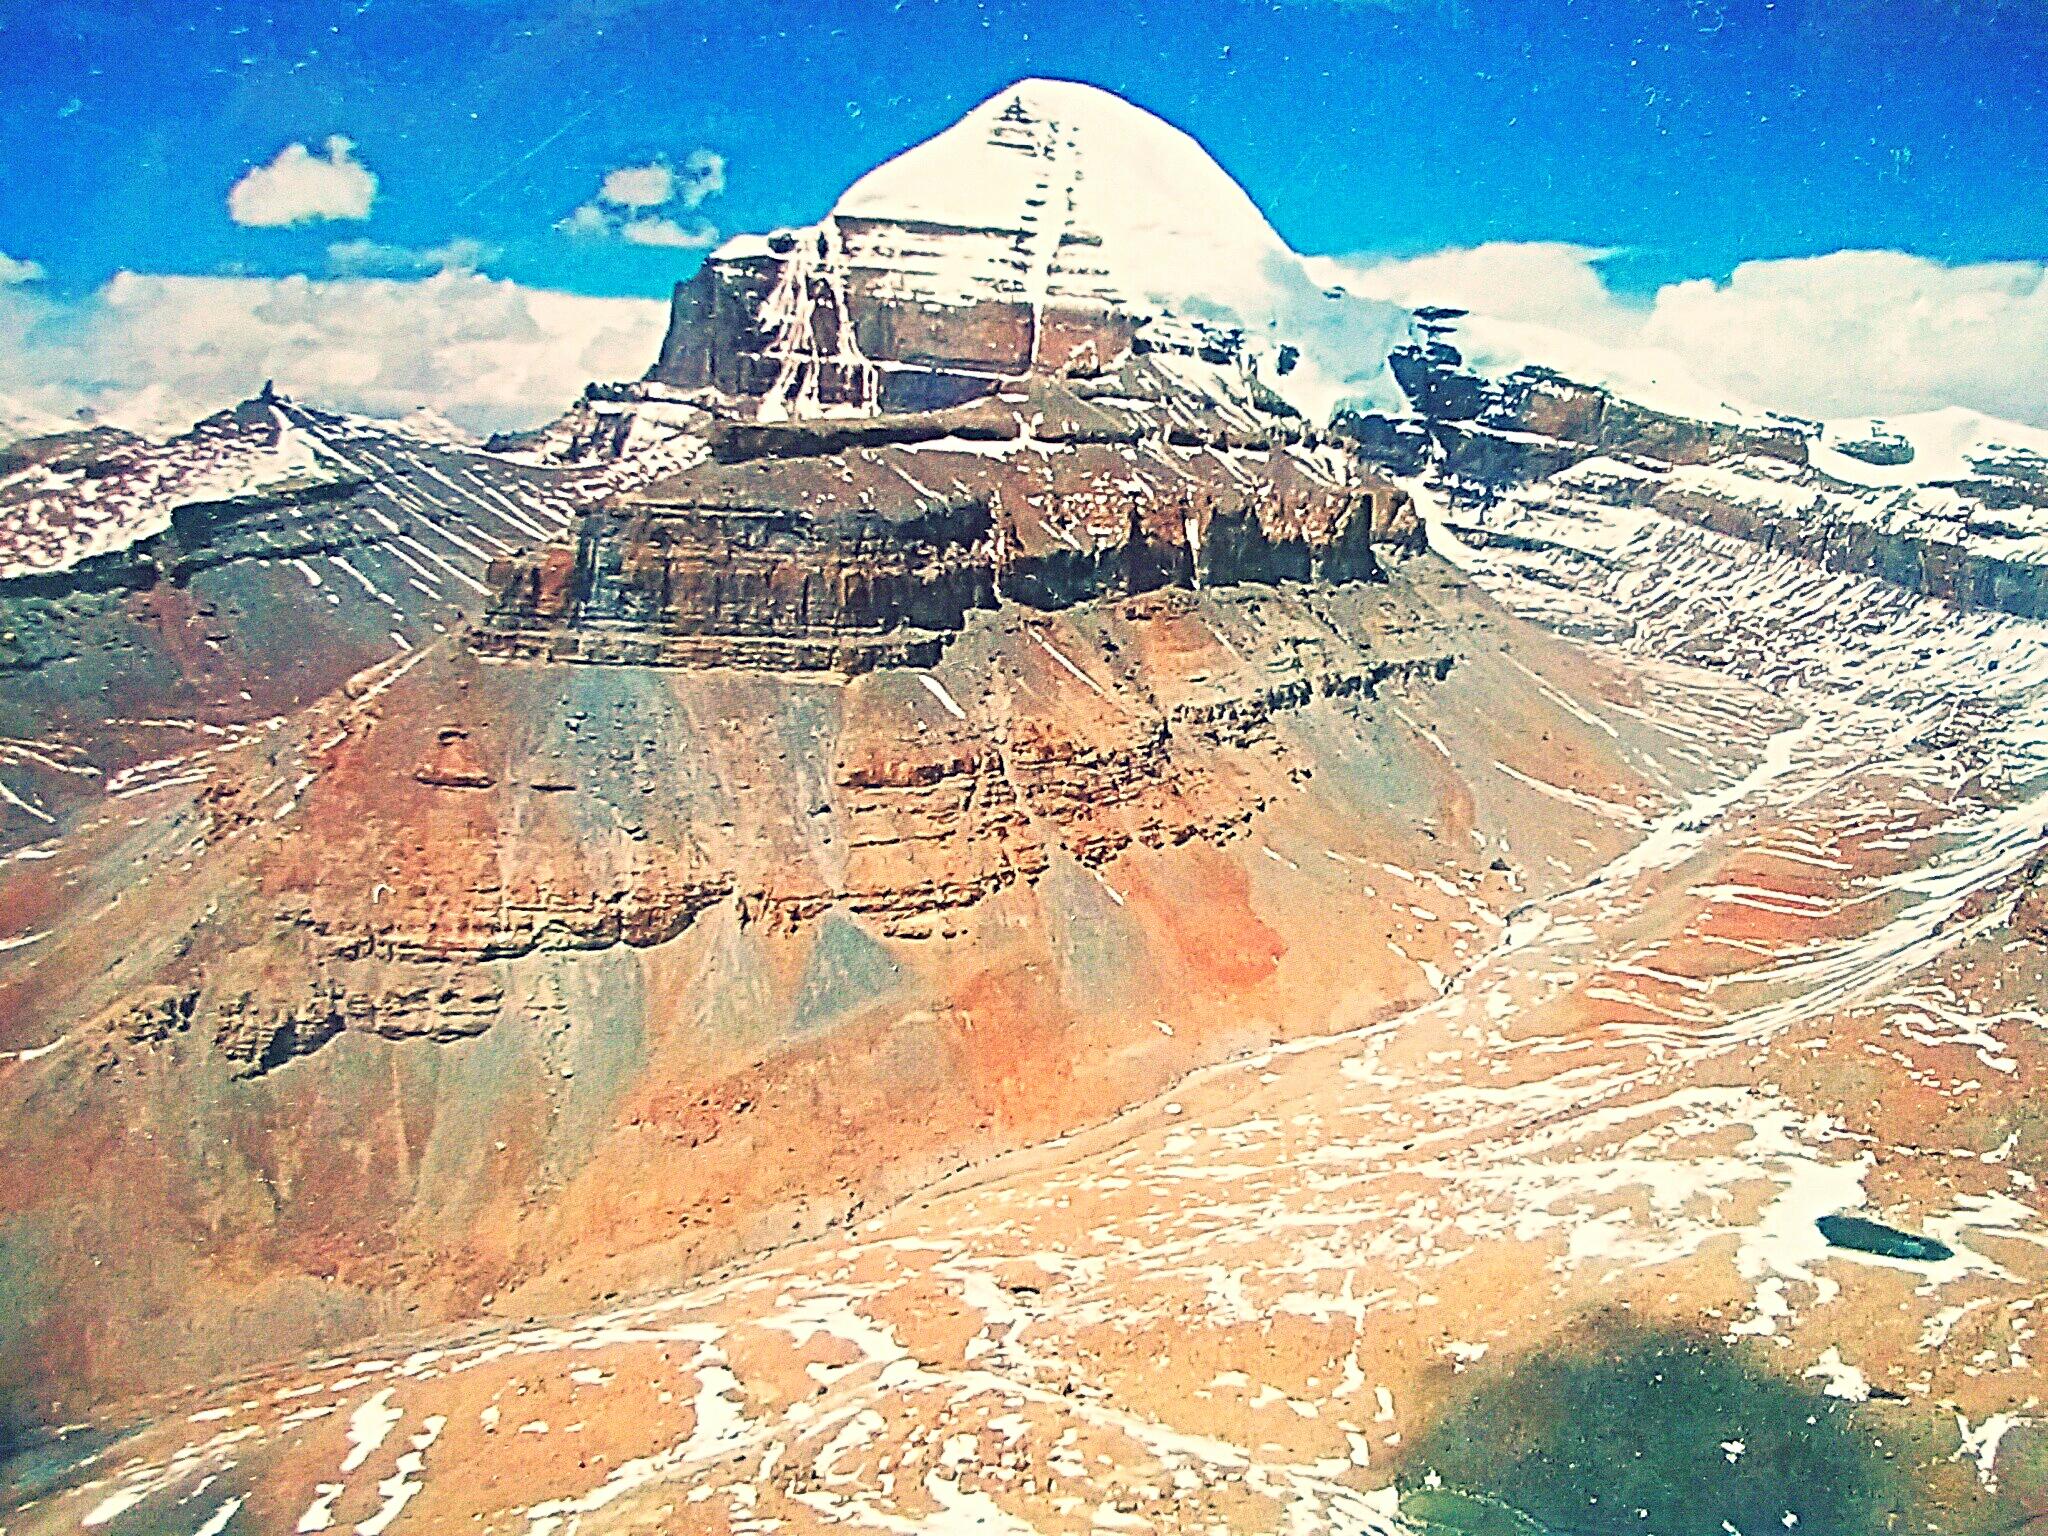 五体投地を行いカイラス山を巡礼するチベット人『宇宙の中心、須弥山へ』